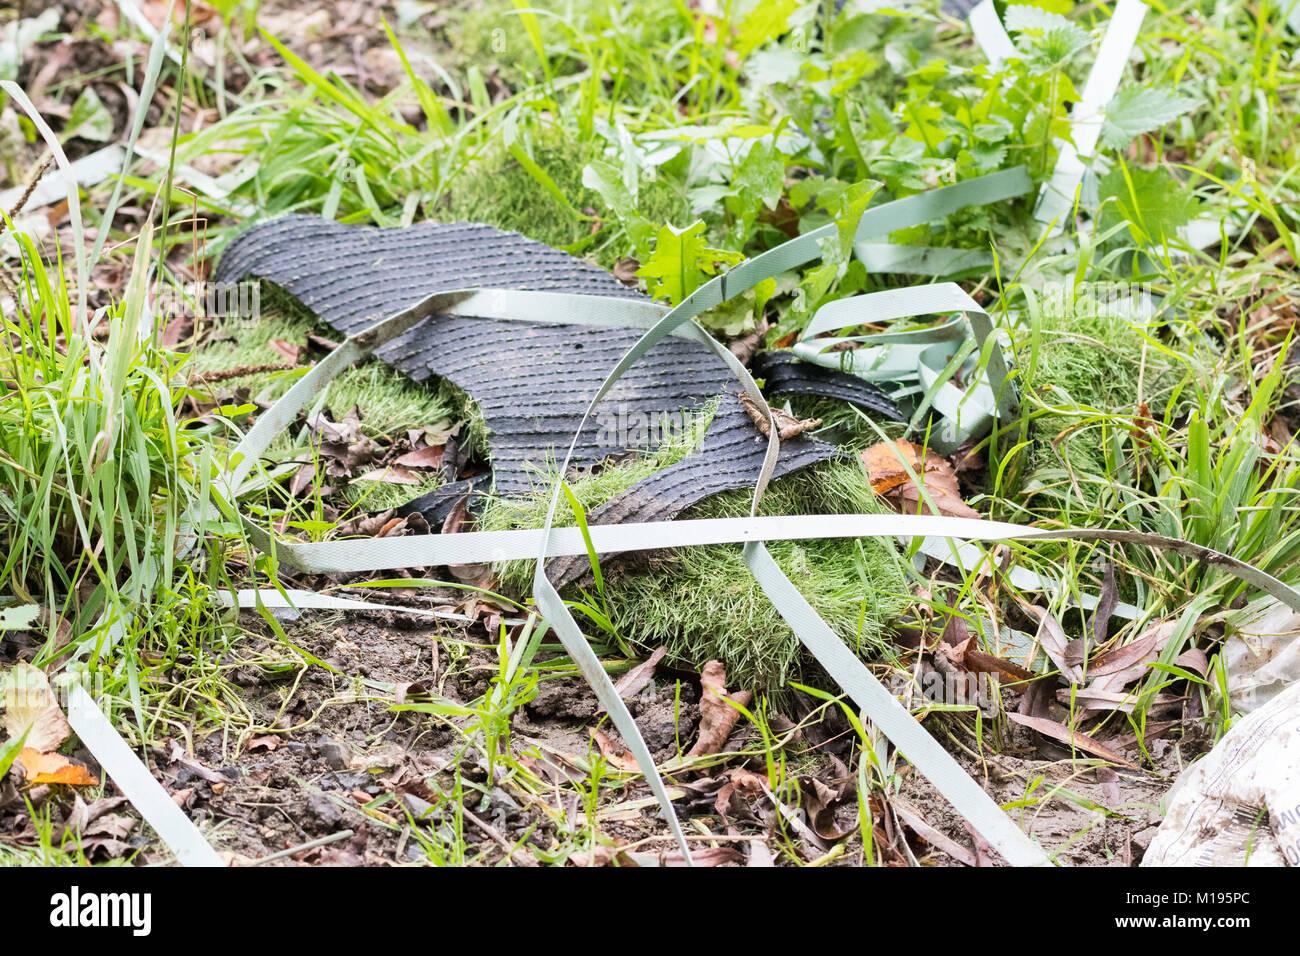 Gazon artificiel et d'autres sous-évaluées en plastique dans la campagne - England, UK Photo Stock